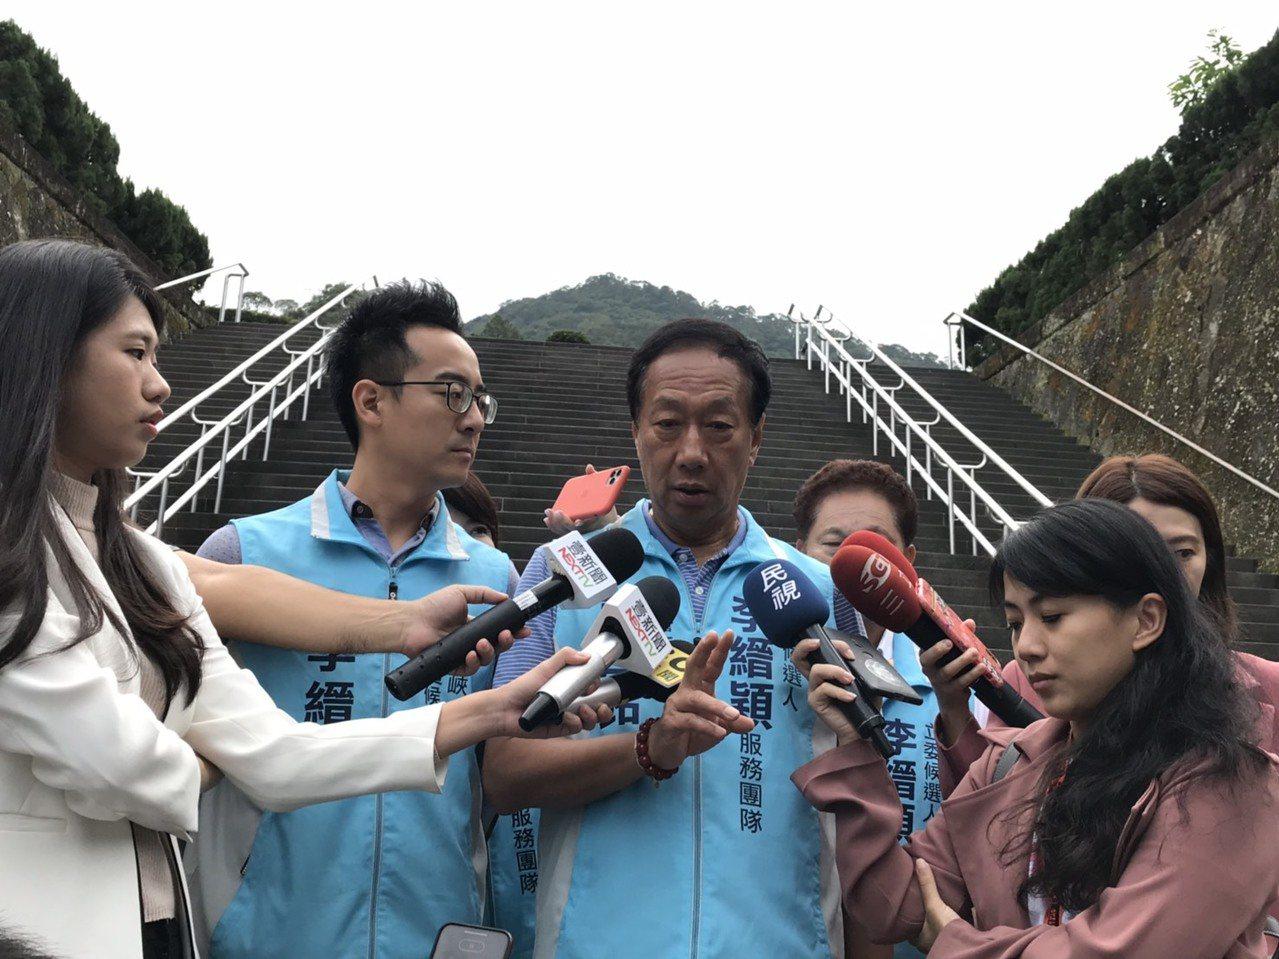 針對共諜叛逃案,郭台銘表示,民進黨跟國民黨都應該重視。記者江婉儀/攝影